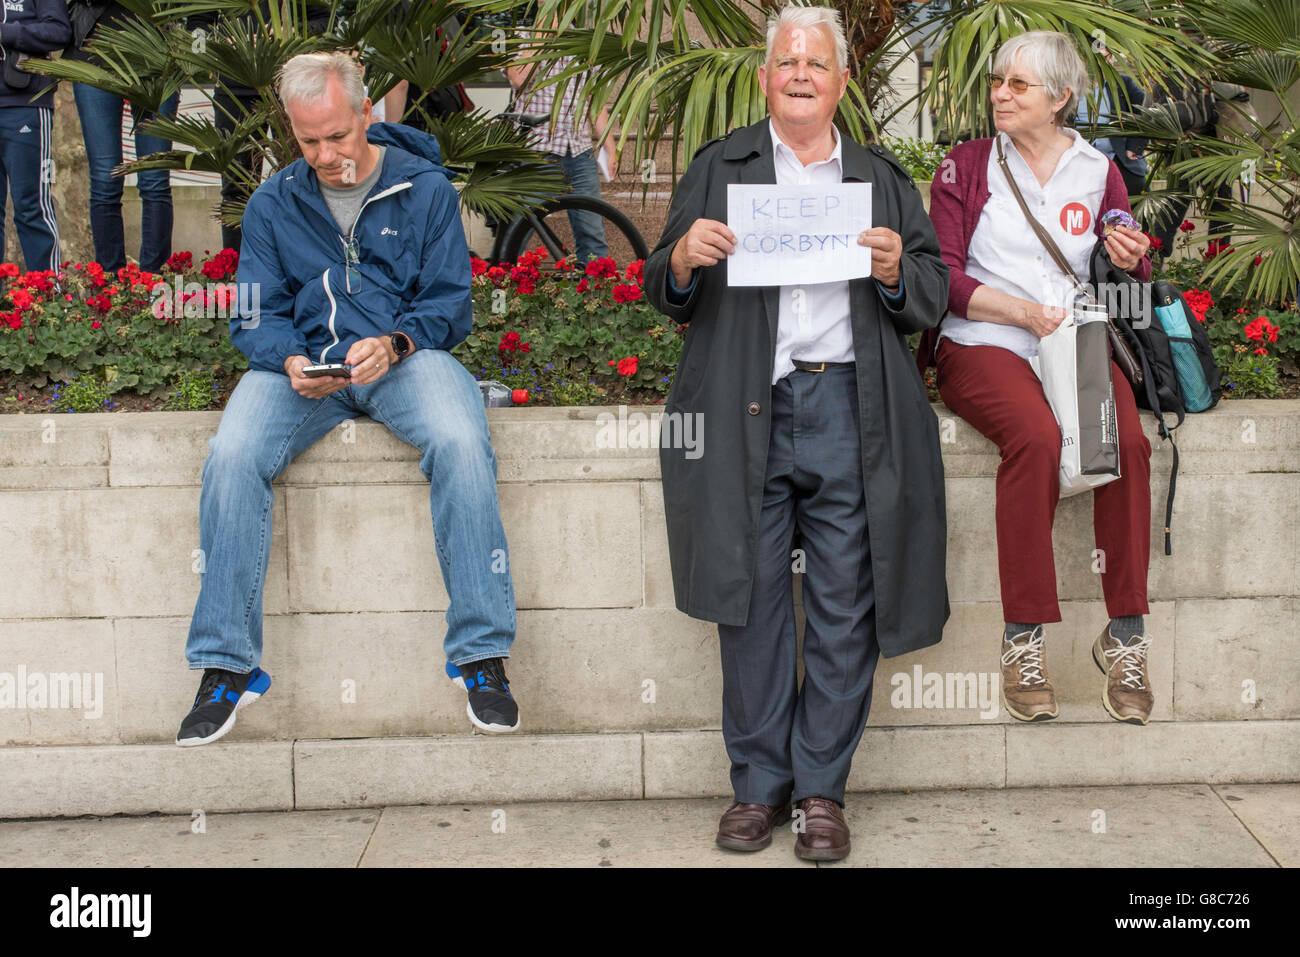 Bruce Kent, el vice-presidente de la CND, de pie en Parliament Square, Londres, mostrando su apoyo a Jeremy Corbyn Imagen De Stock